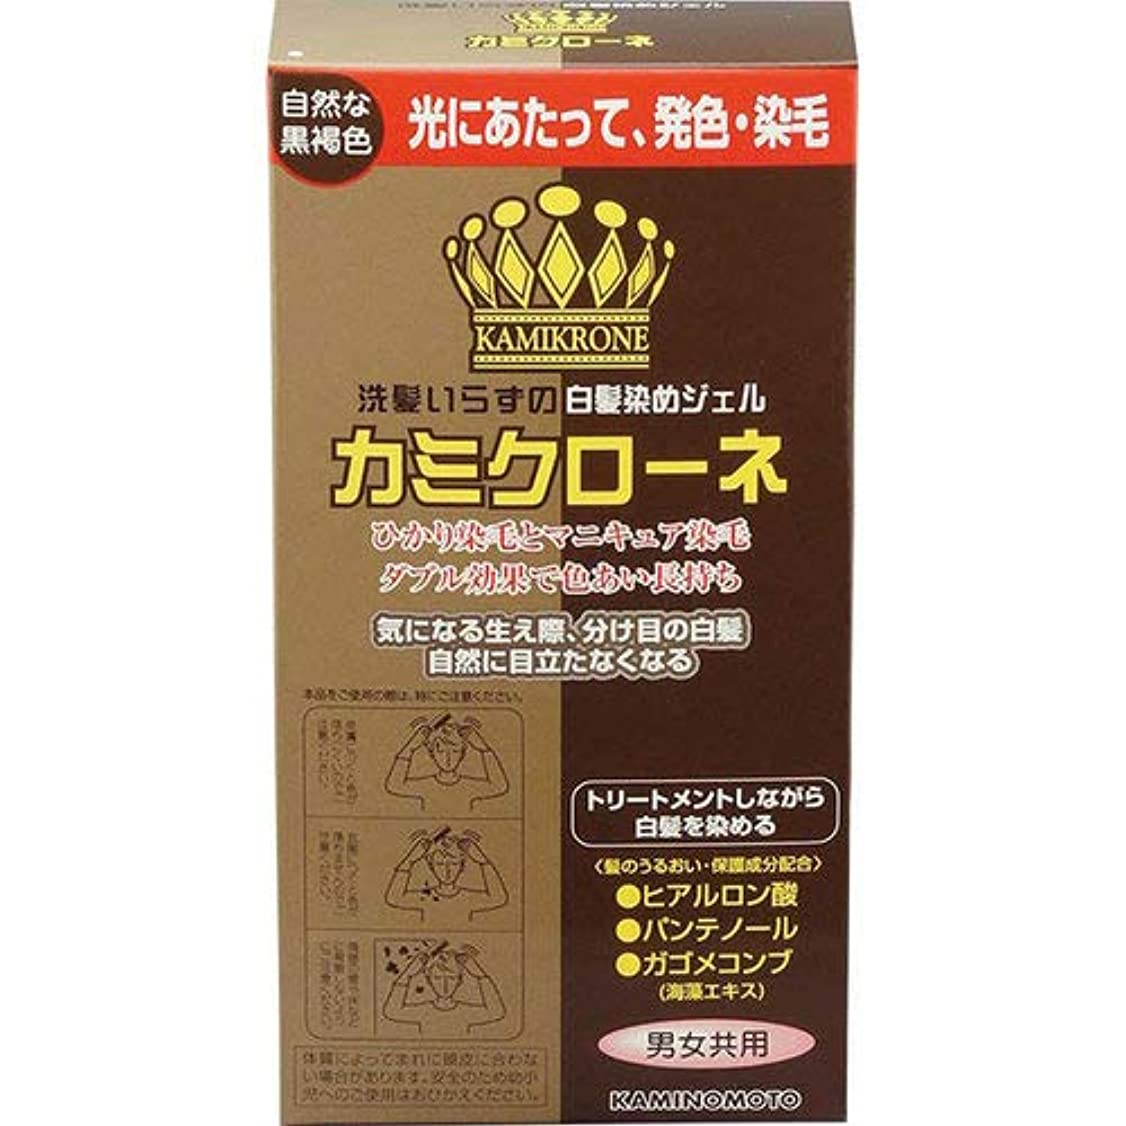 有害な立方体延ばすカミクローネ(DB)自然な黒褐色